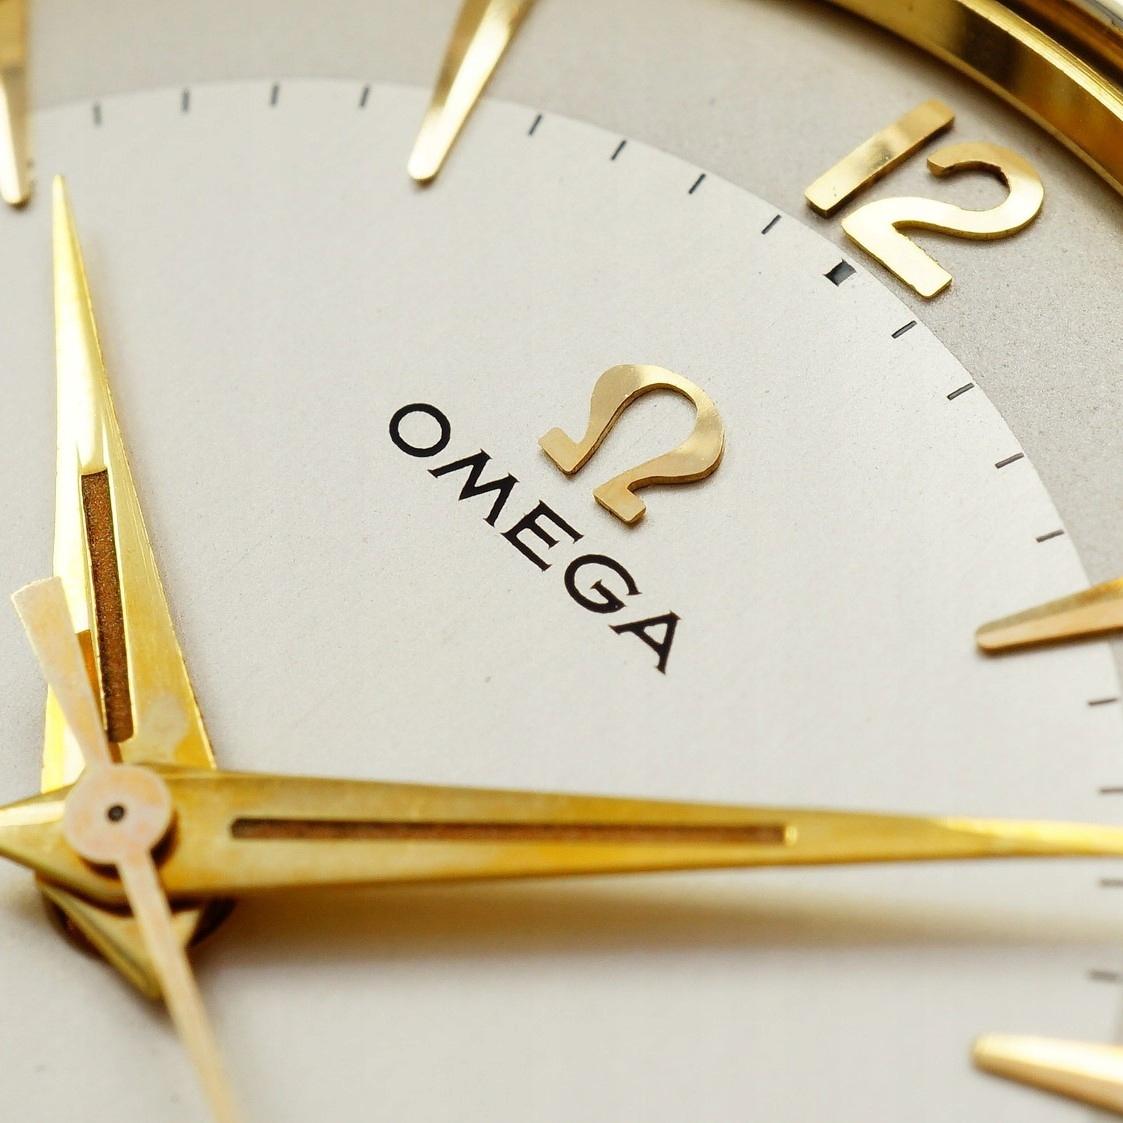 OMEGA nienoszony zegarek duży XL 1956 rok komplet